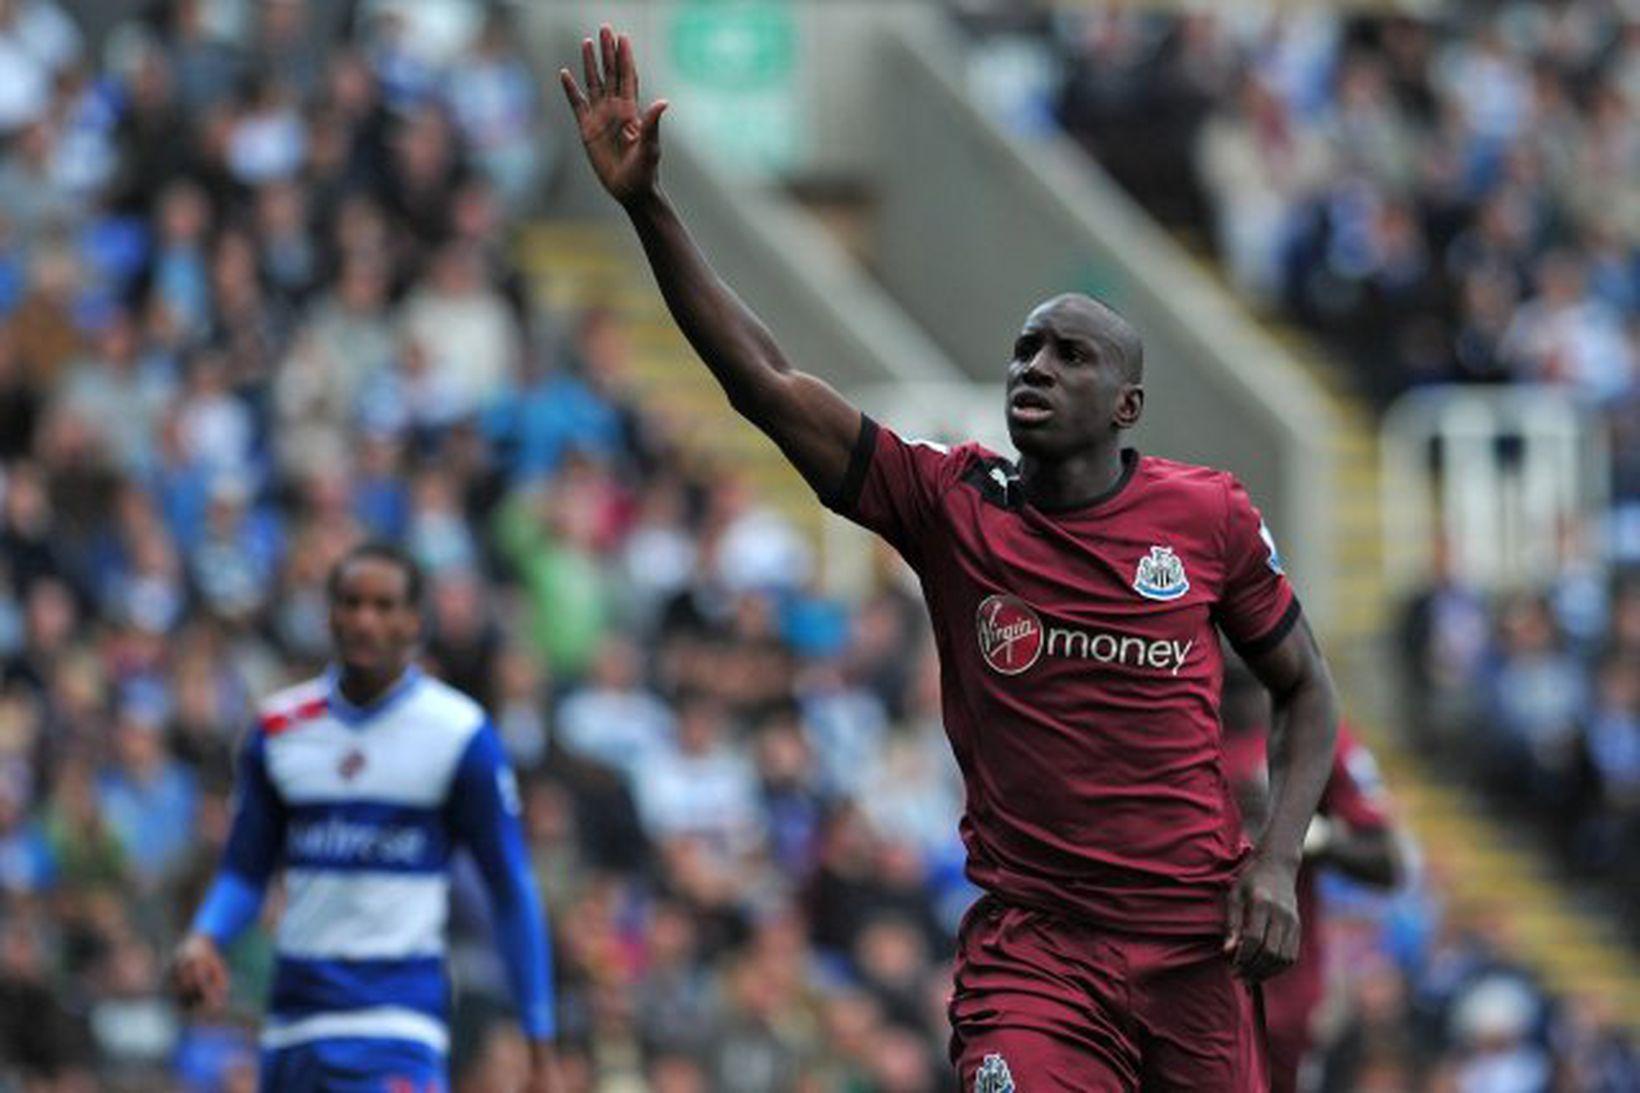 Demba Ba fagnar marki með Newcastle á sínum tíma.